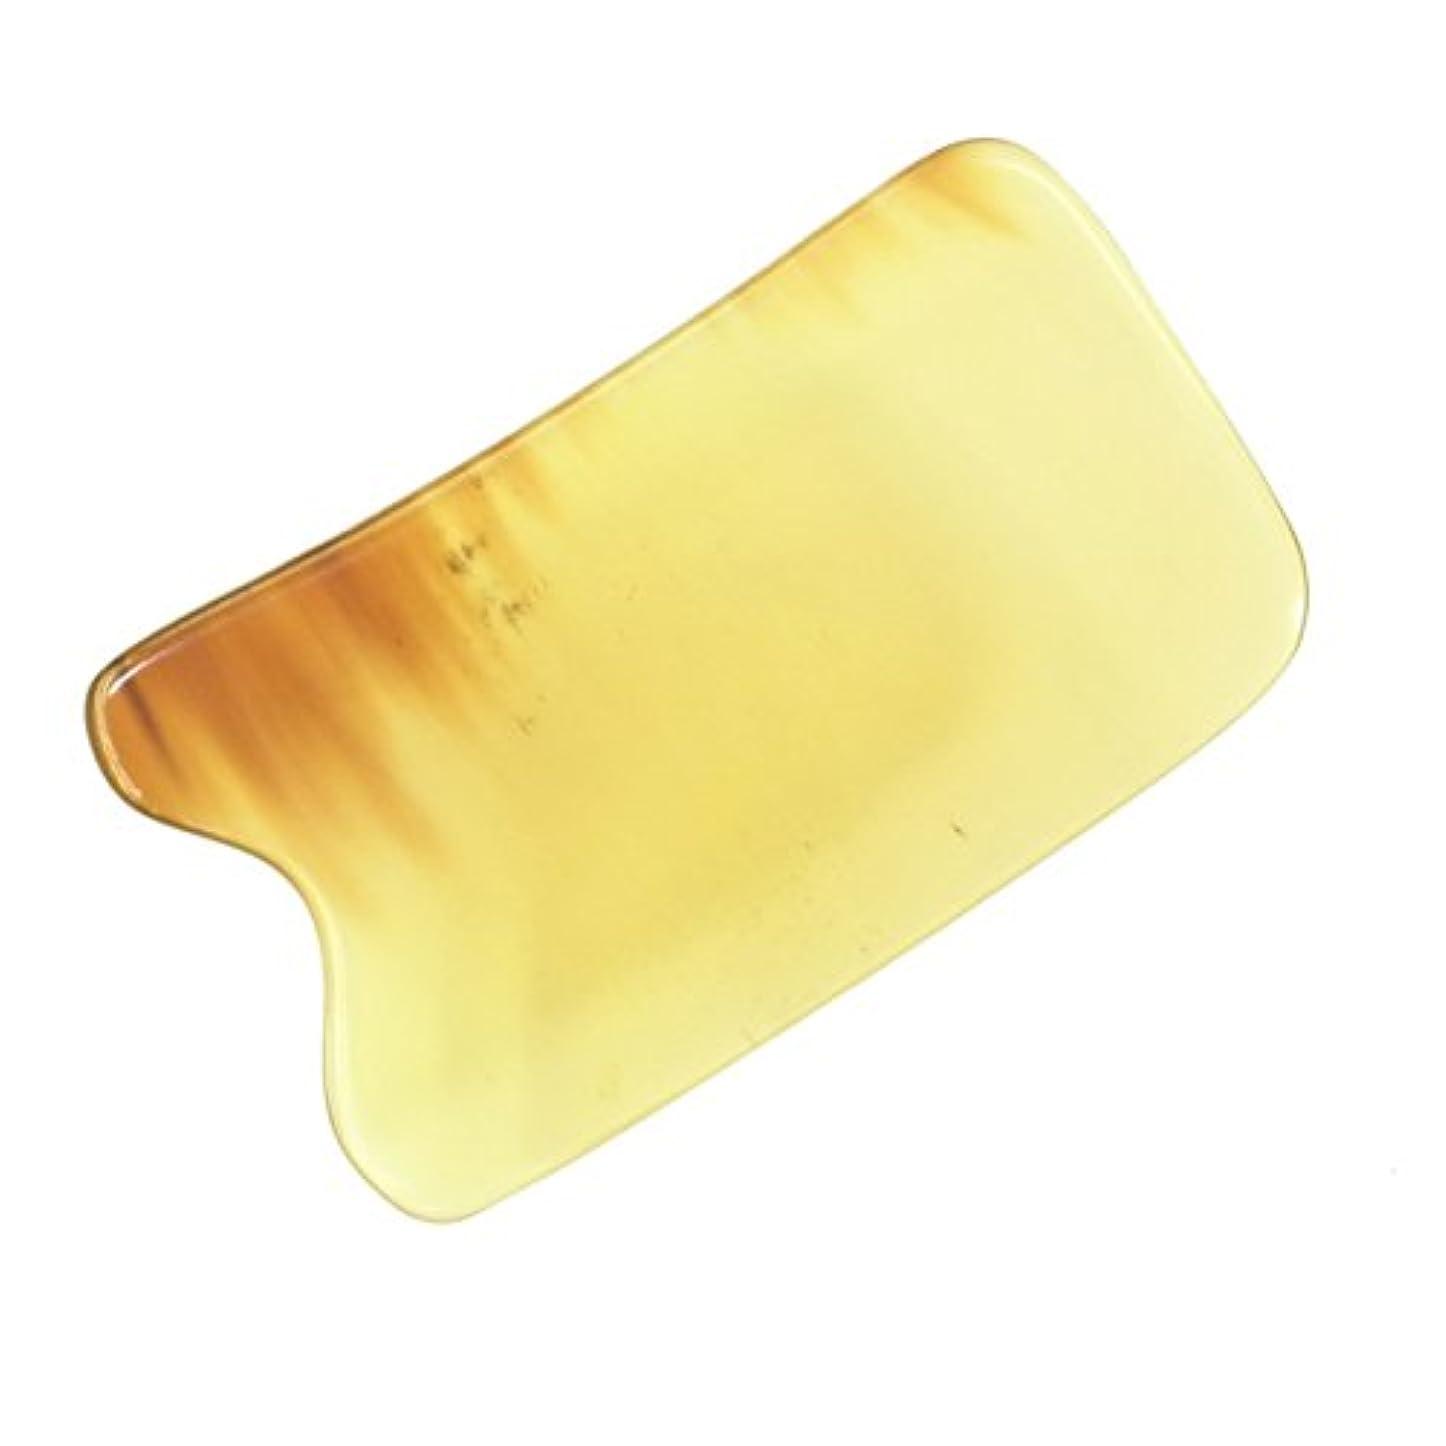 アシスタント予報リルかっさ プレート 厚さが選べる 水牛の角(黄水牛角) EHE219 四角凹 一般品 標準 (5ミリ程度)